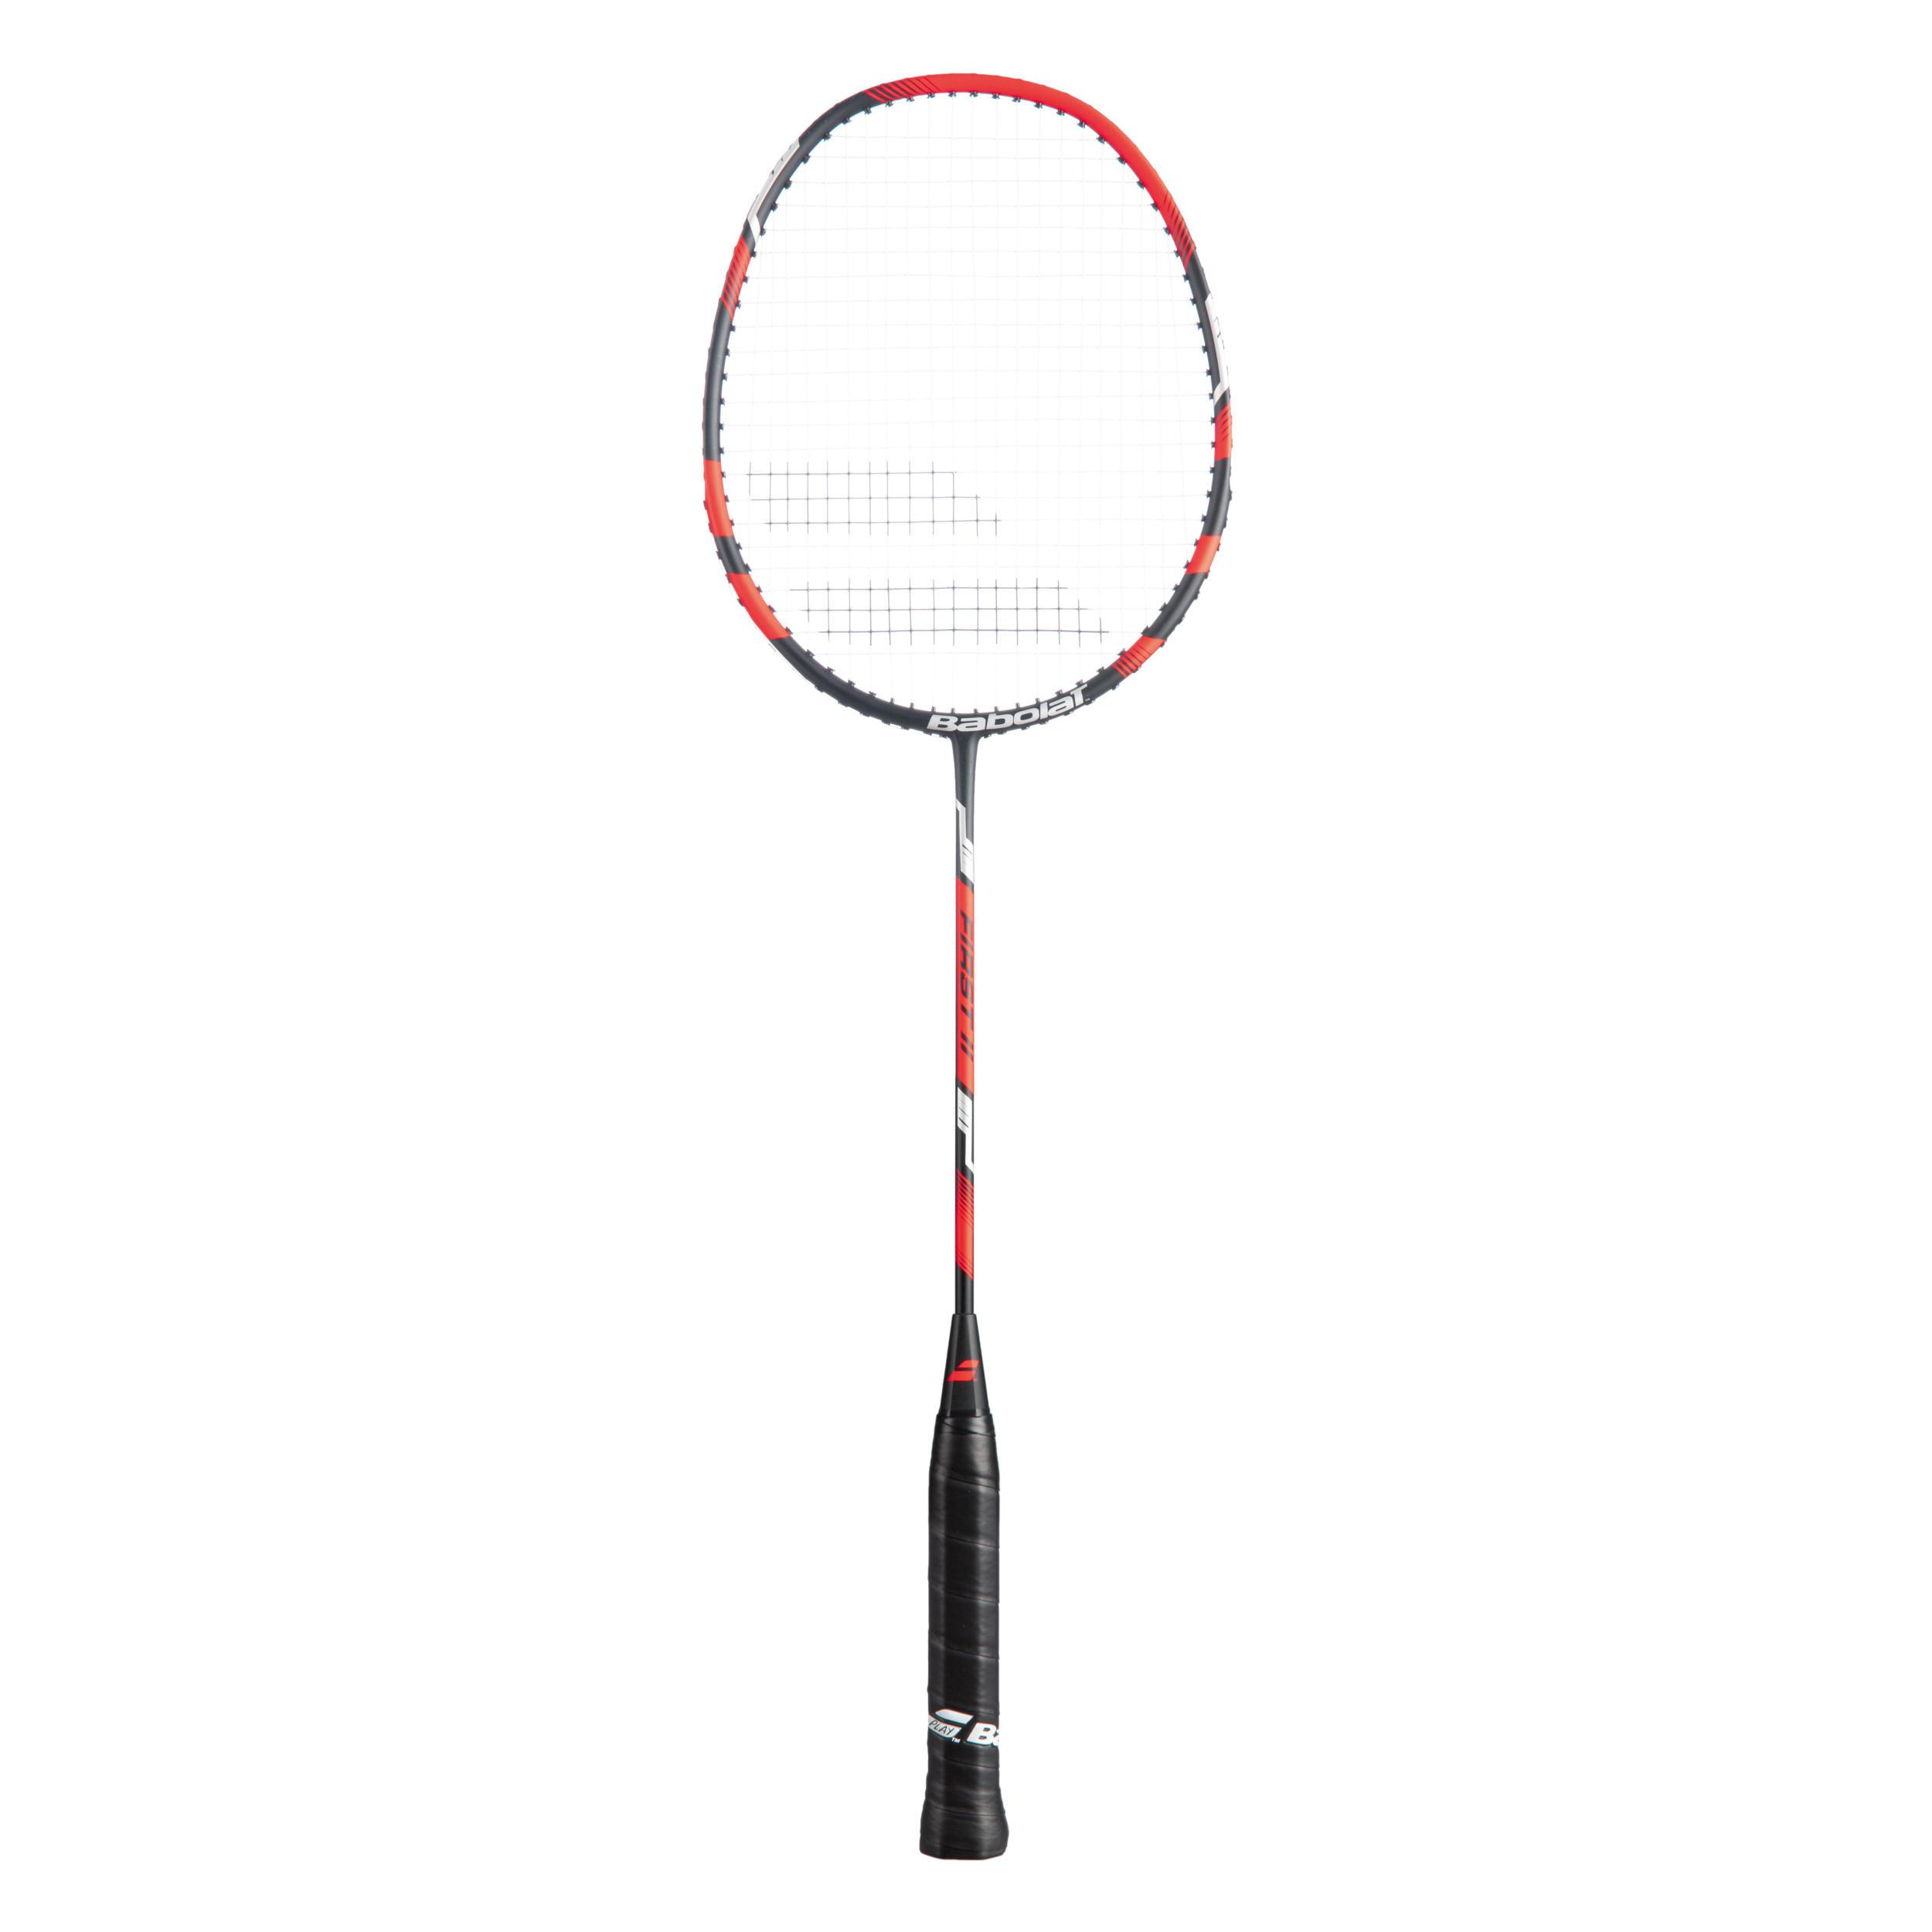 Babolat Racchetta badminton adulto e bambino FIRST II